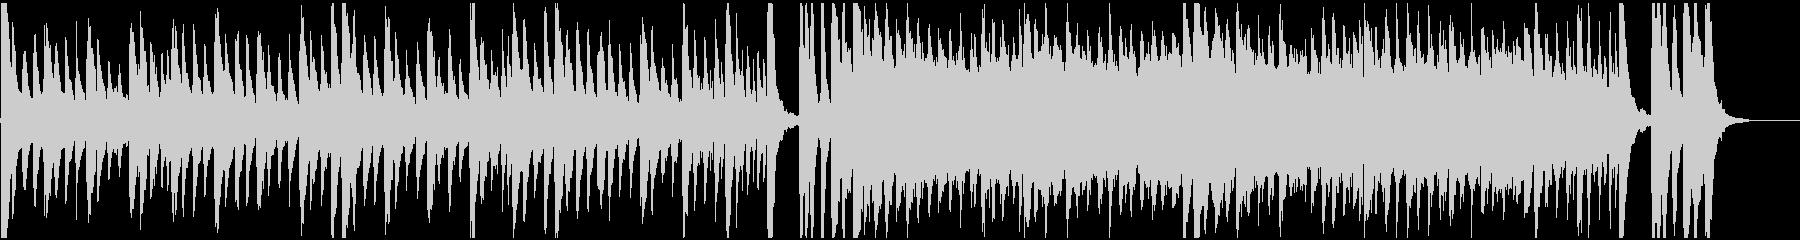 ハロウィン、ホラー、メランコリックBGMの未再生の波形